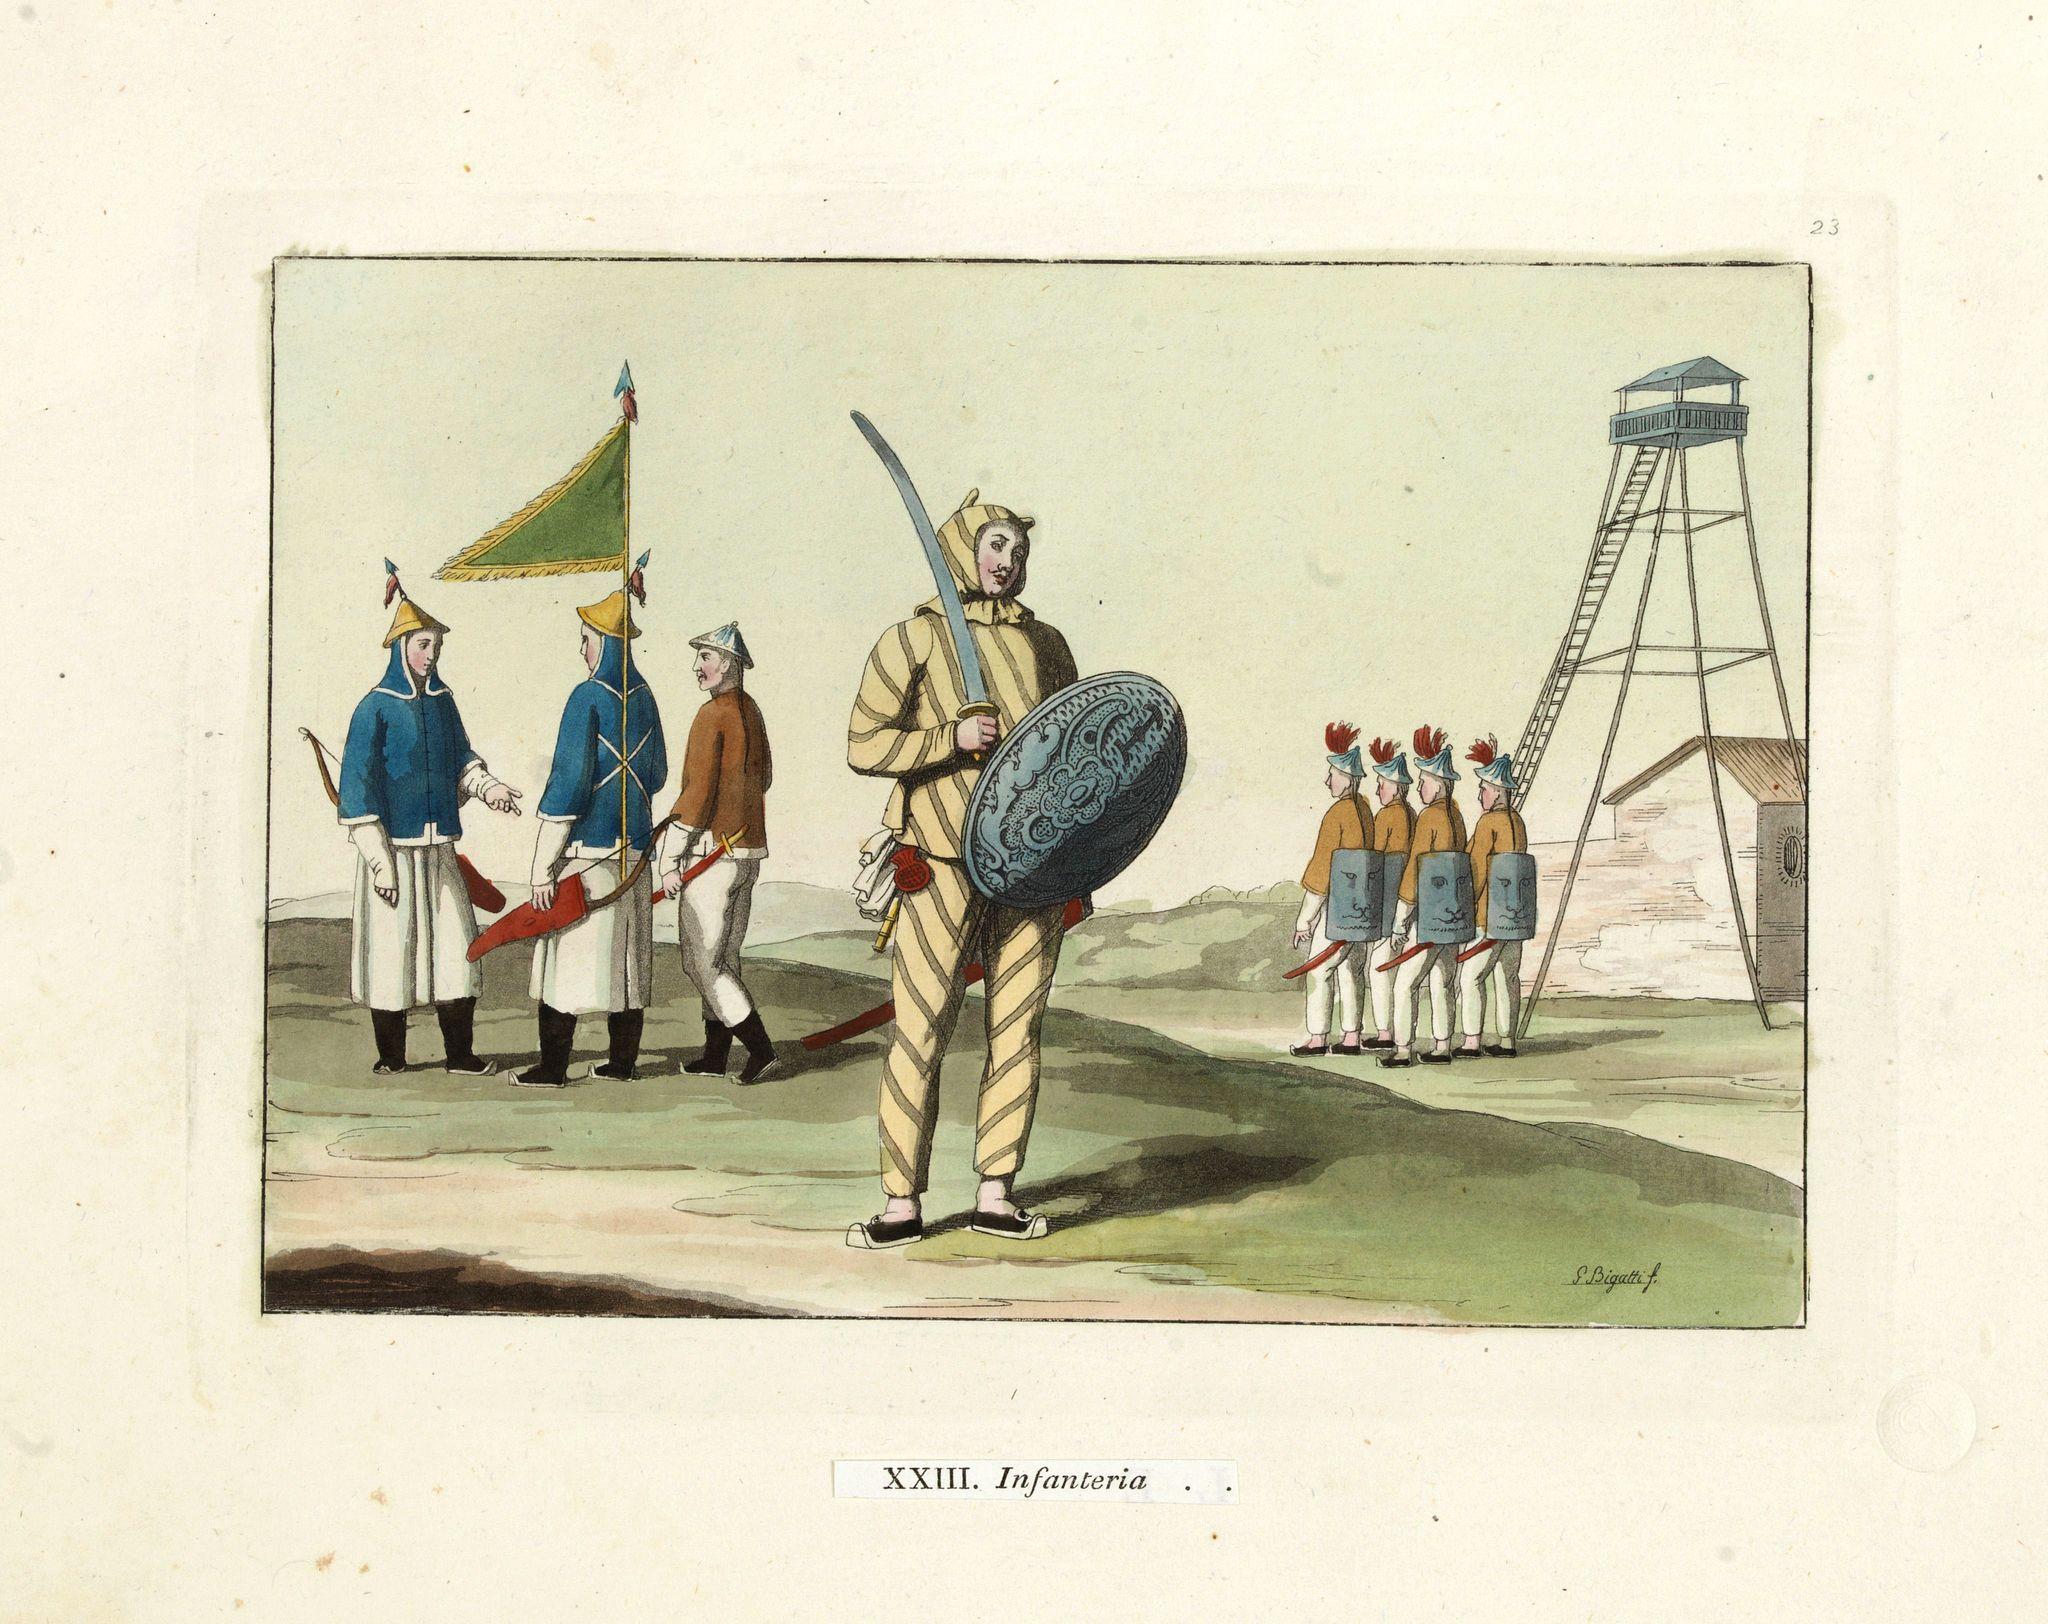 FERRARIO, G. -  [XXIII Infanteria ].